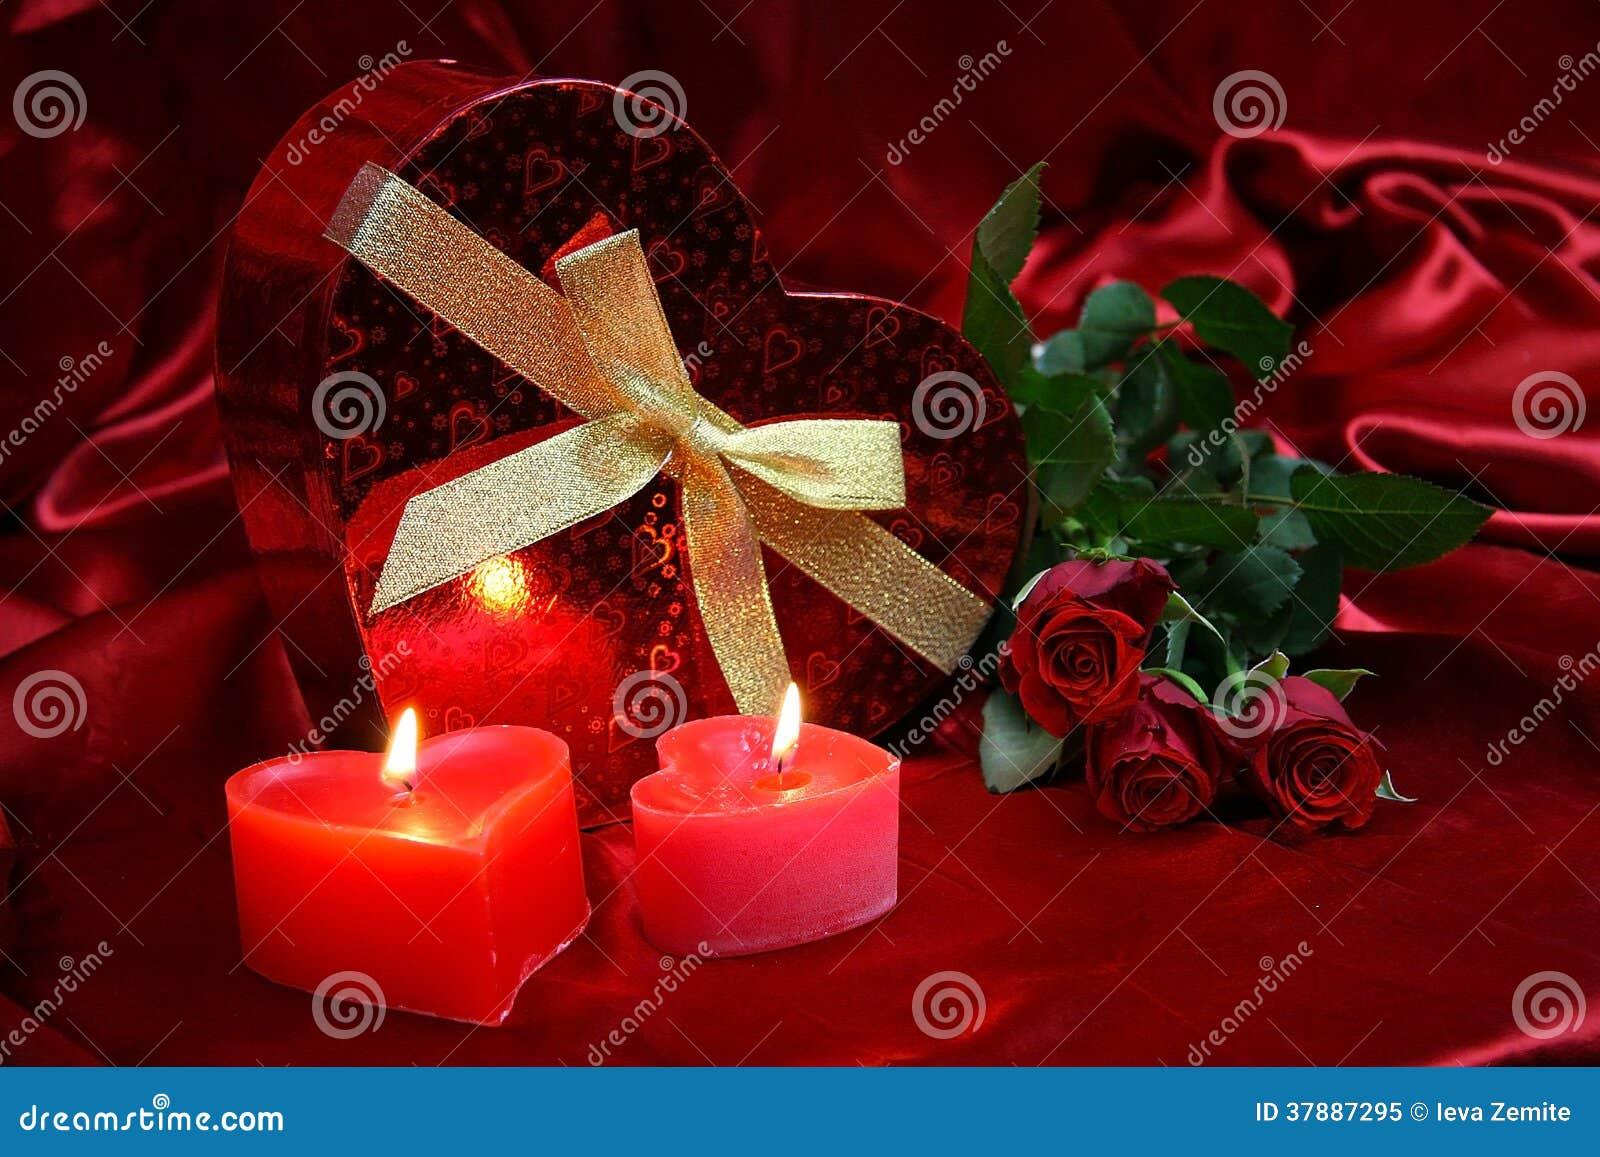 Valentines Day Romantic Love